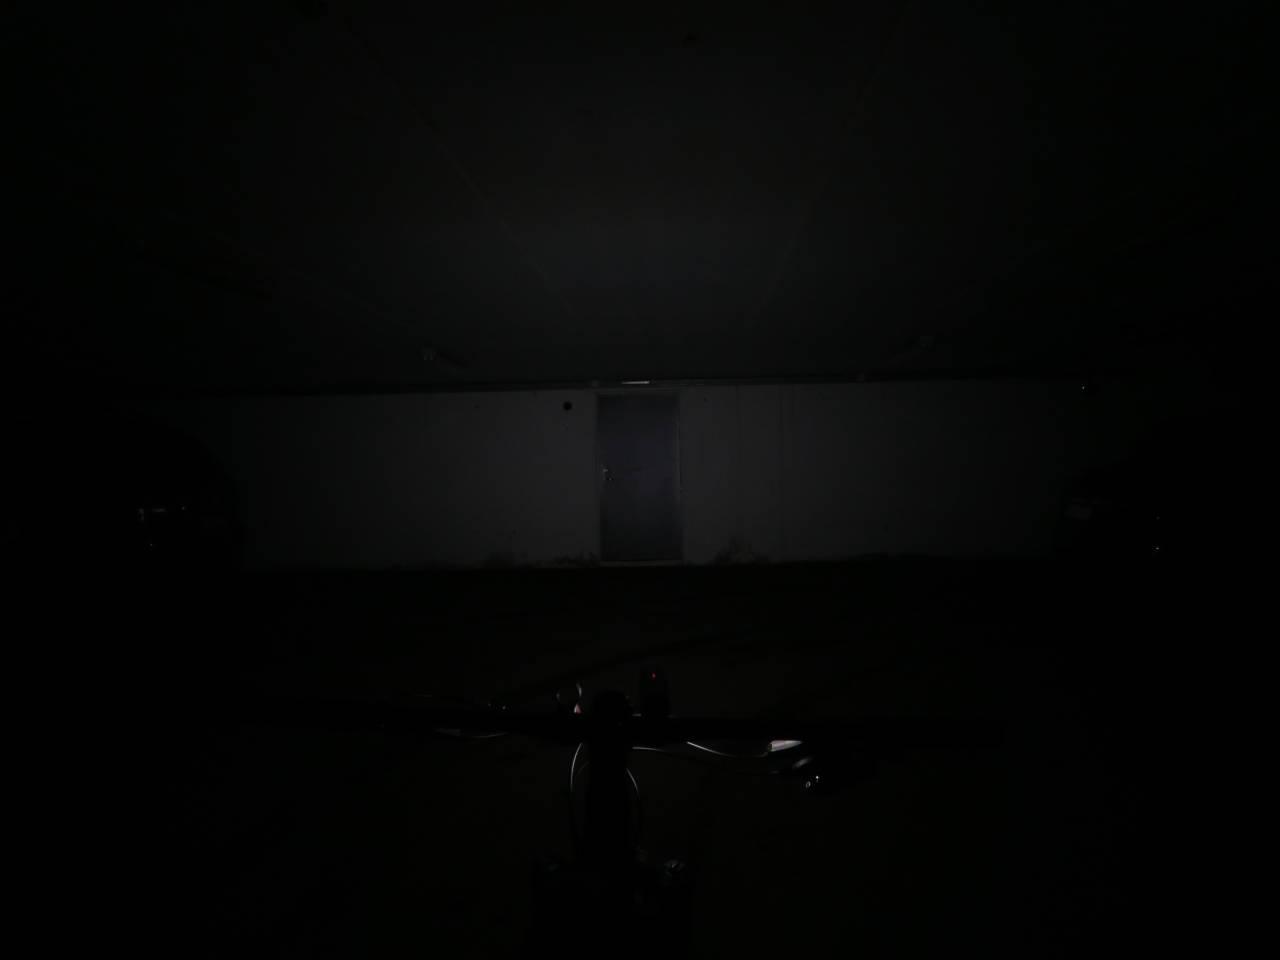 LITT SNAUT: 450 lumen er nok til pendling og i byen, men på helt mørke strekninger er det litt snaut med lys.